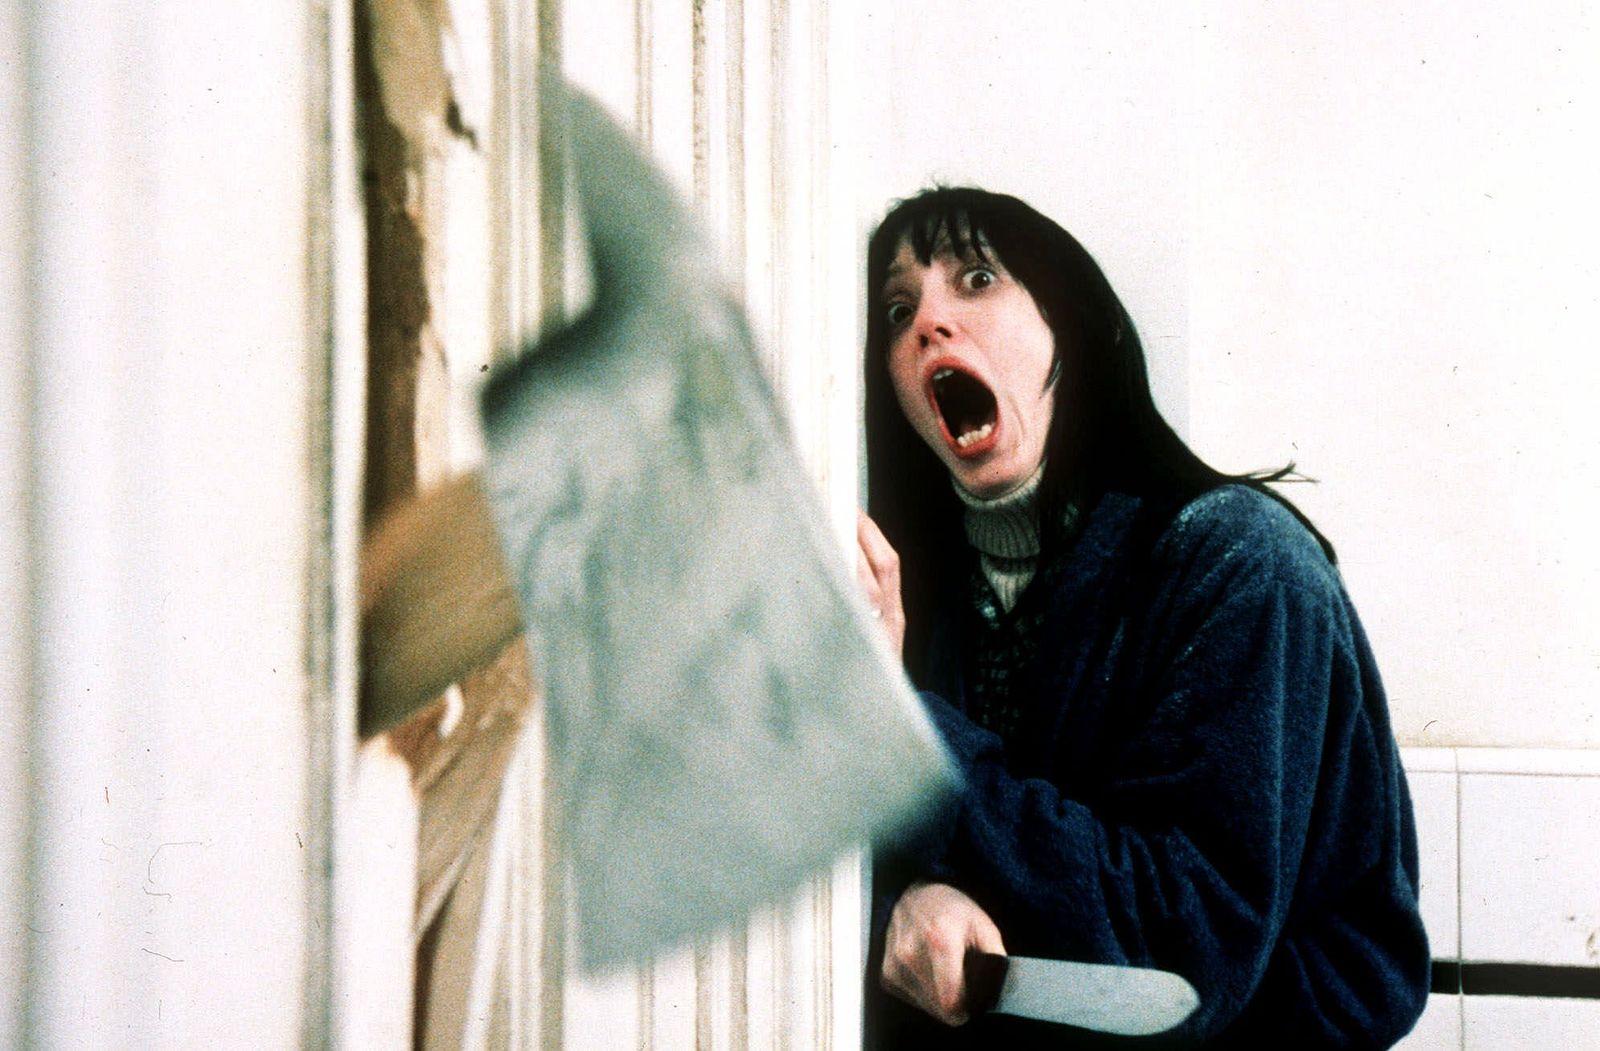 Horrorfilme / The Shining / Shelly Duvall